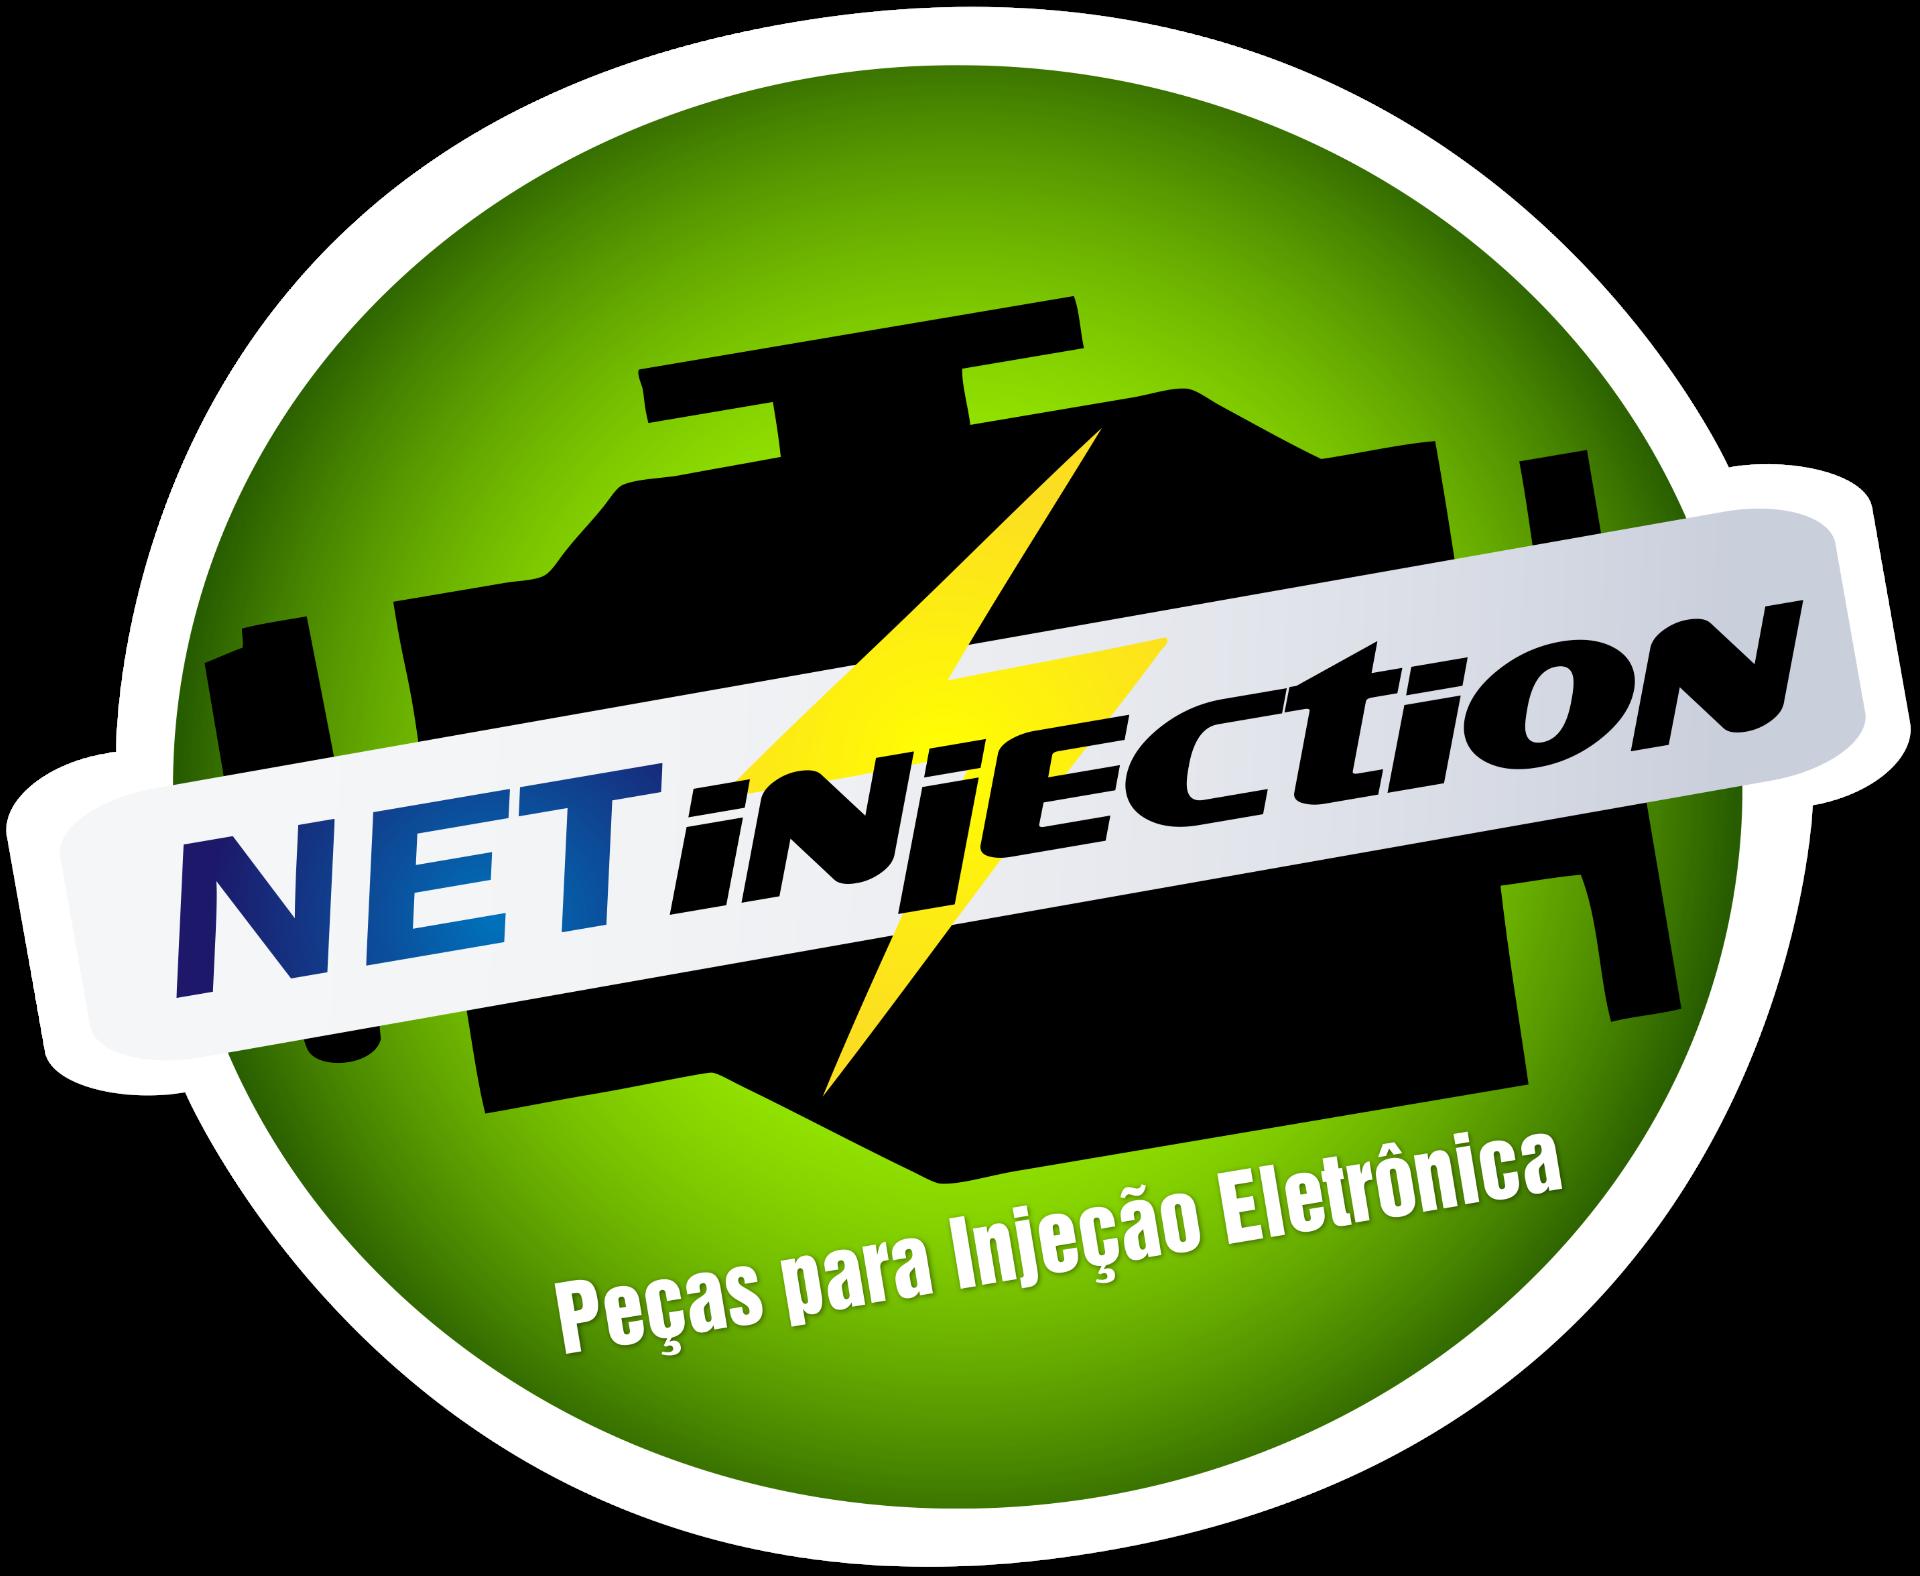 NETINJECTION